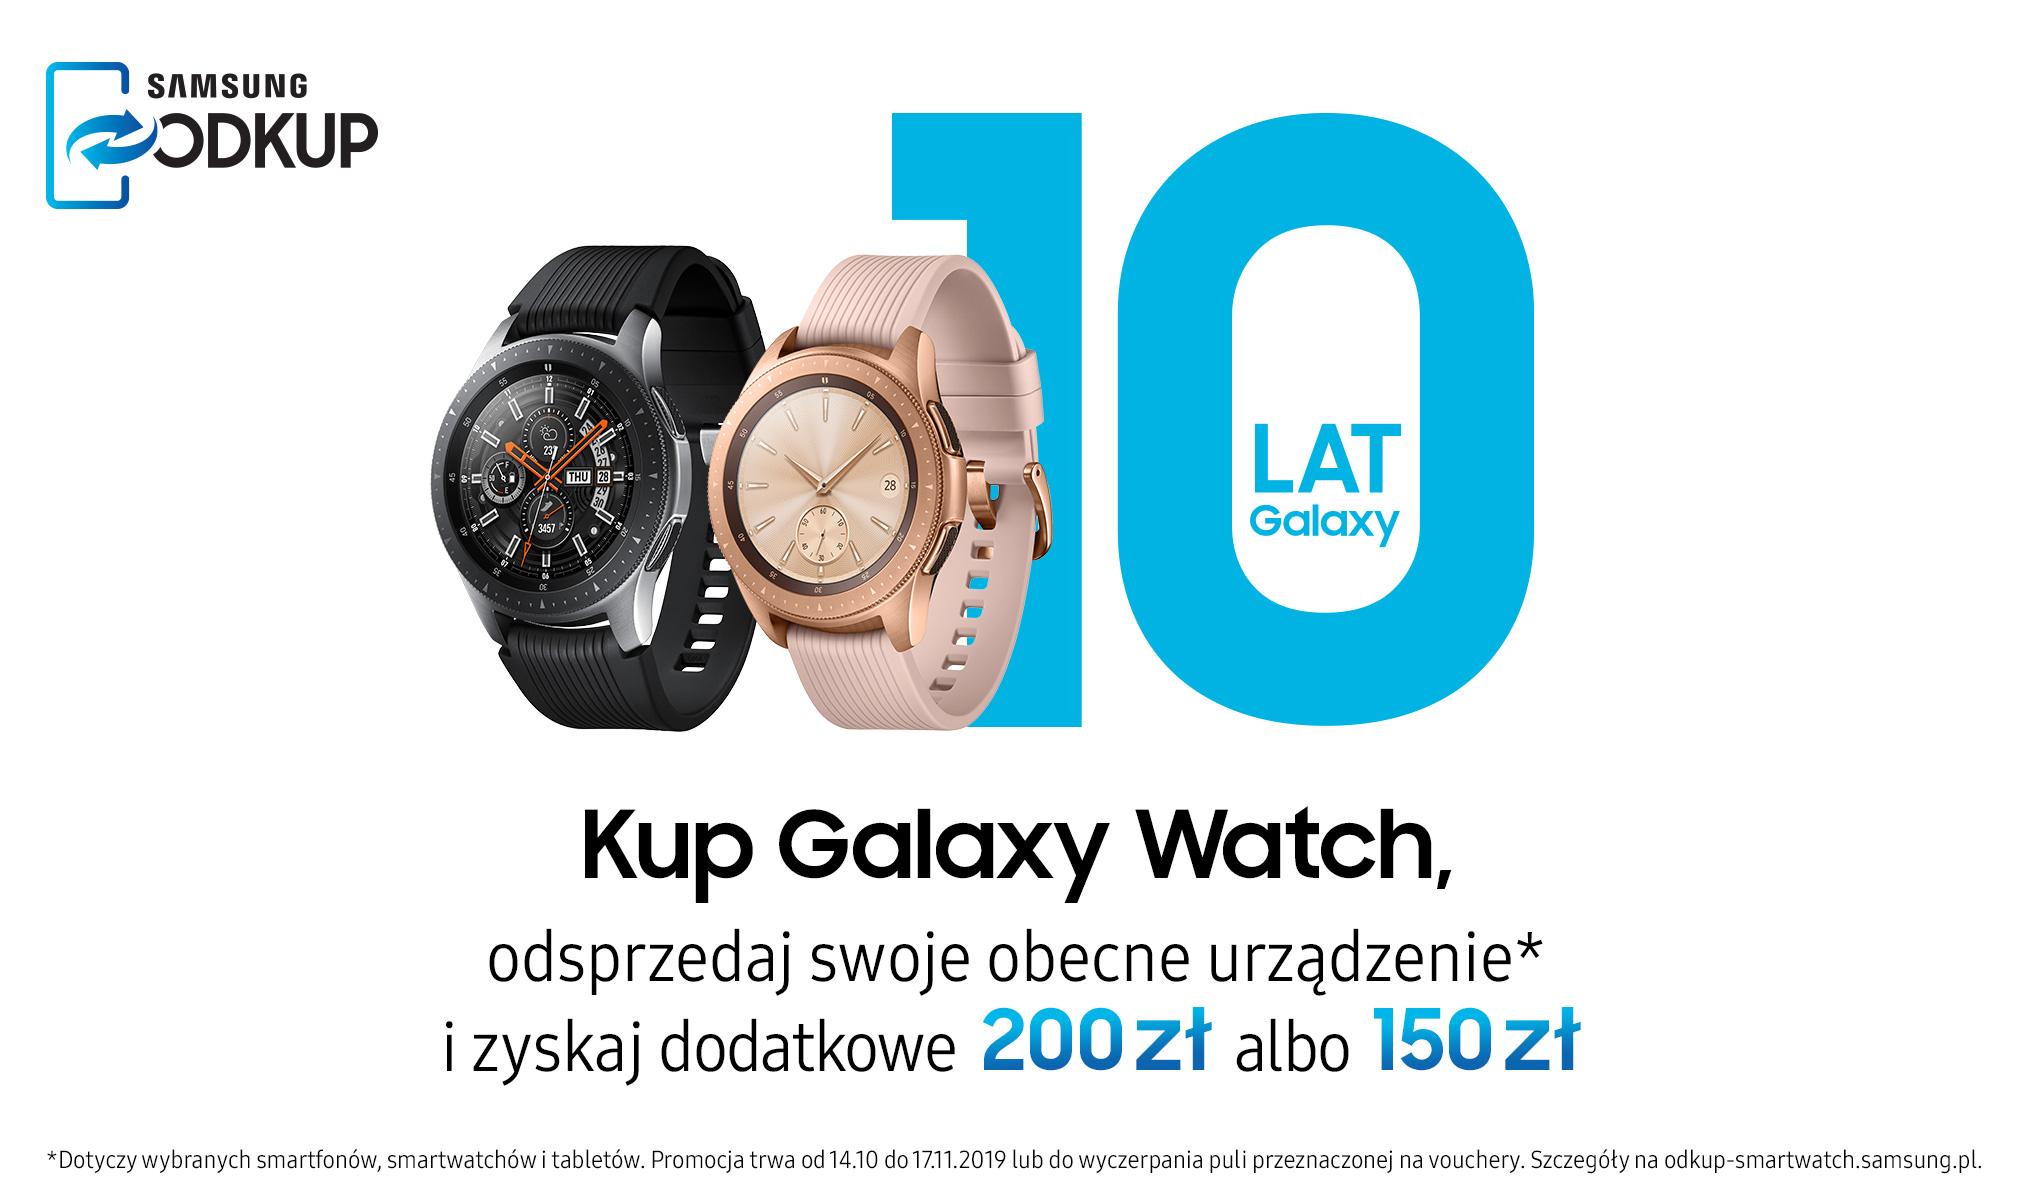 Samsung Galaxy Watch promocja Samsung Odkup opinie